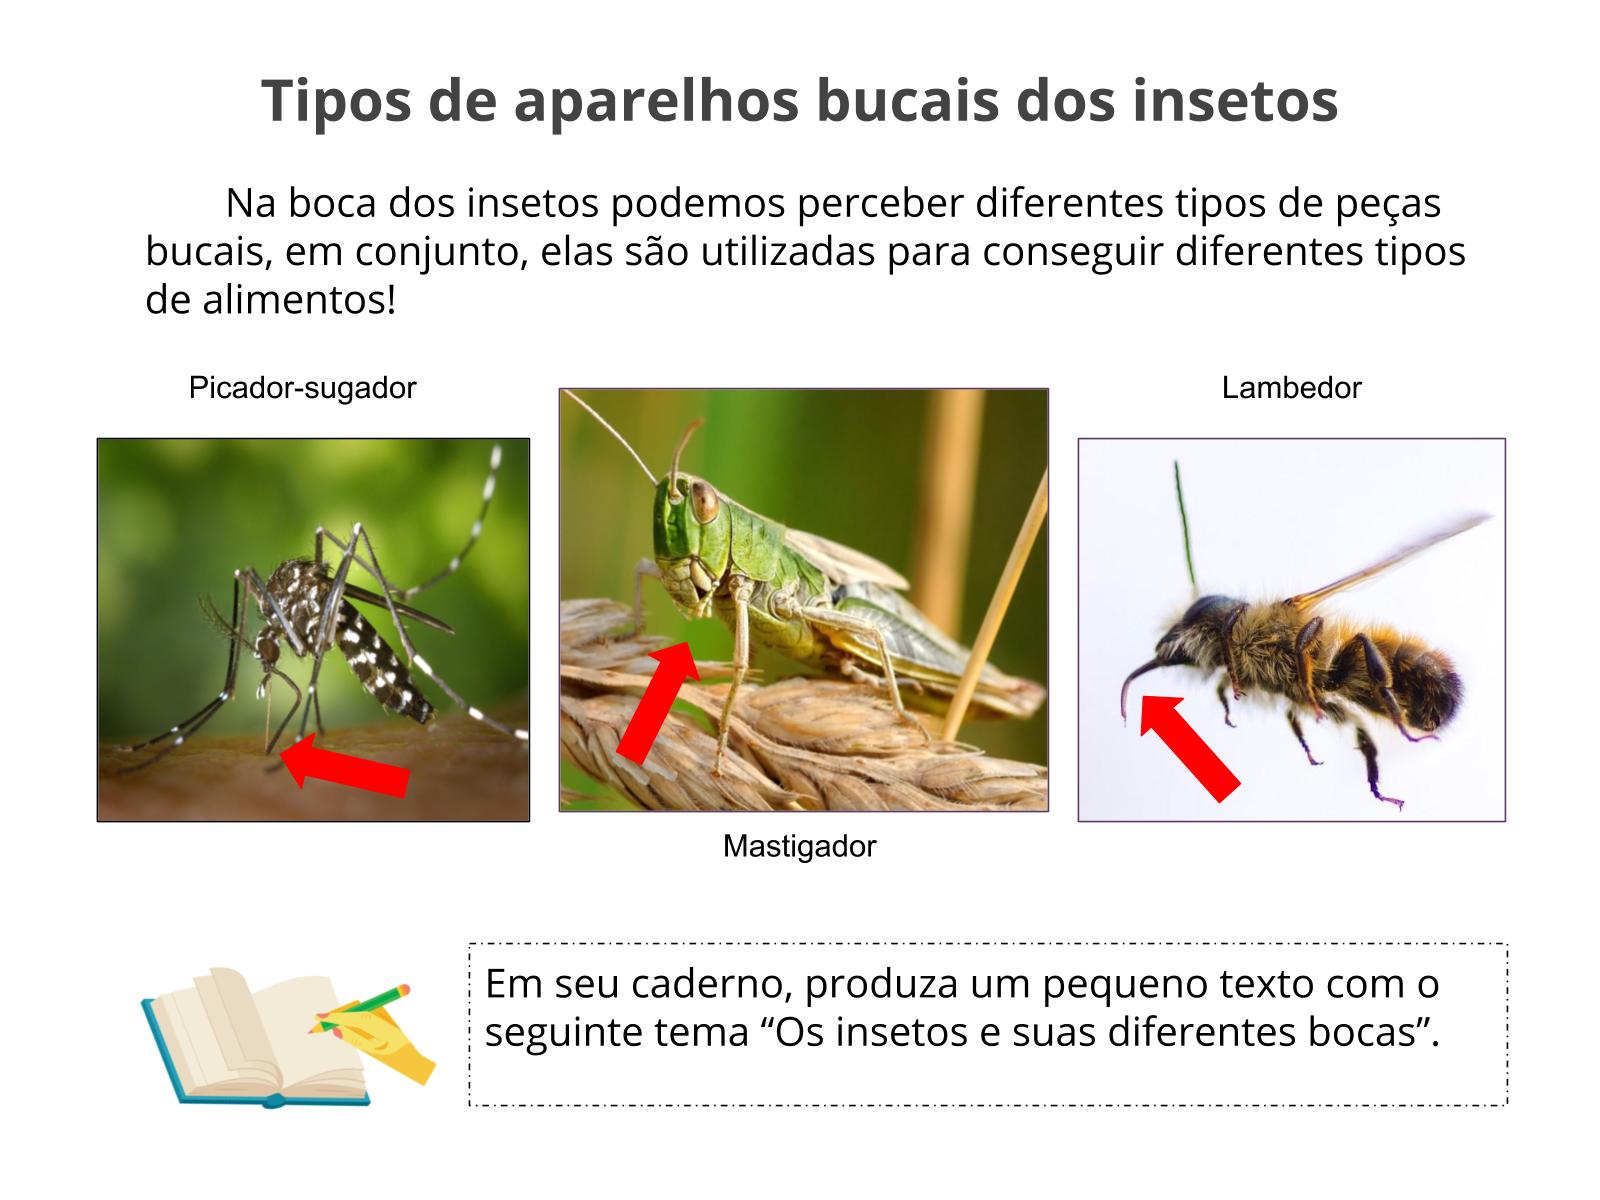 Os insetos e seus diferentes aparelhos bucais